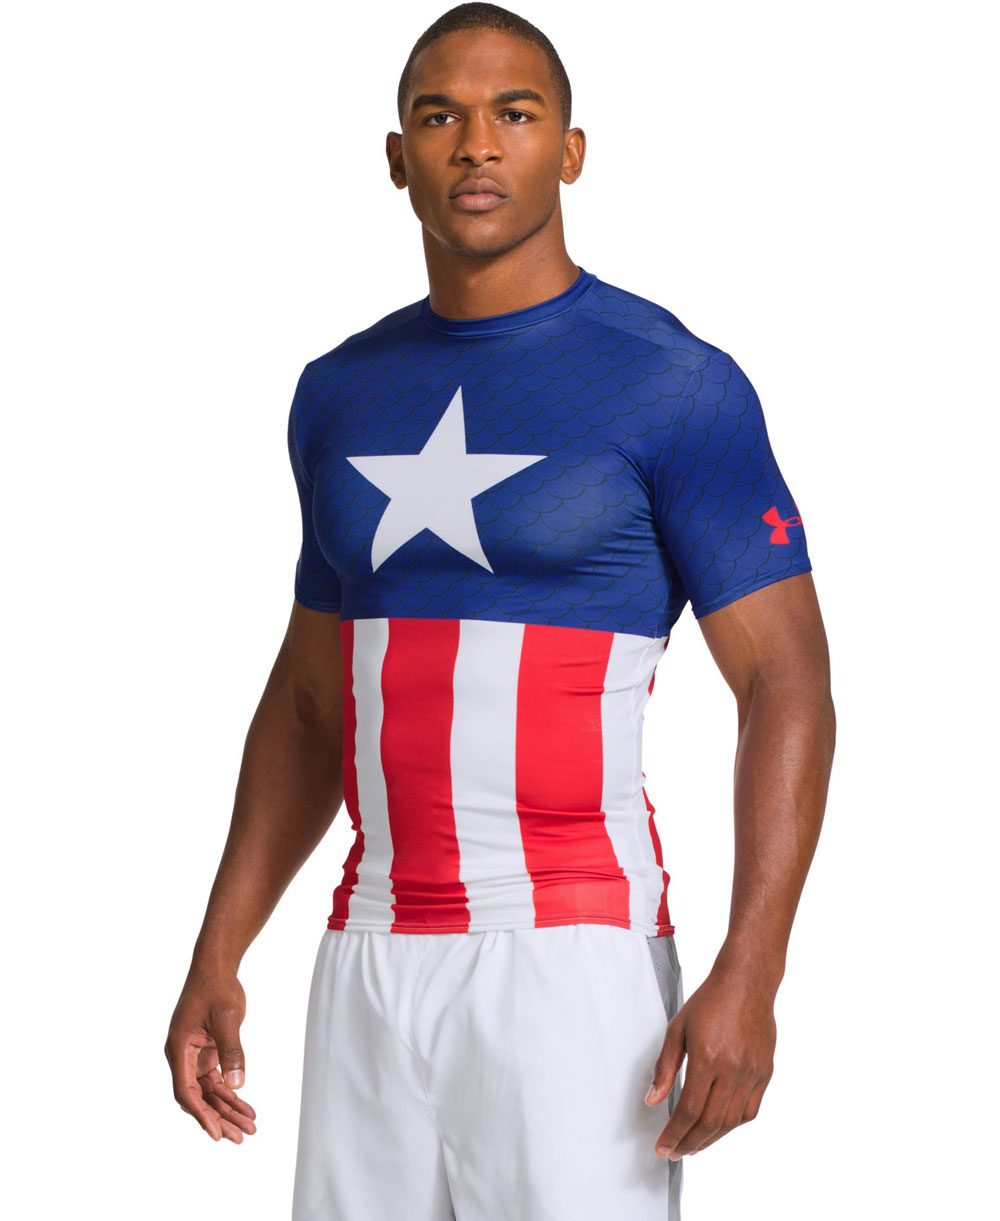 Alter Ego Maglia Compressione Uomo Manica Corta Captain America